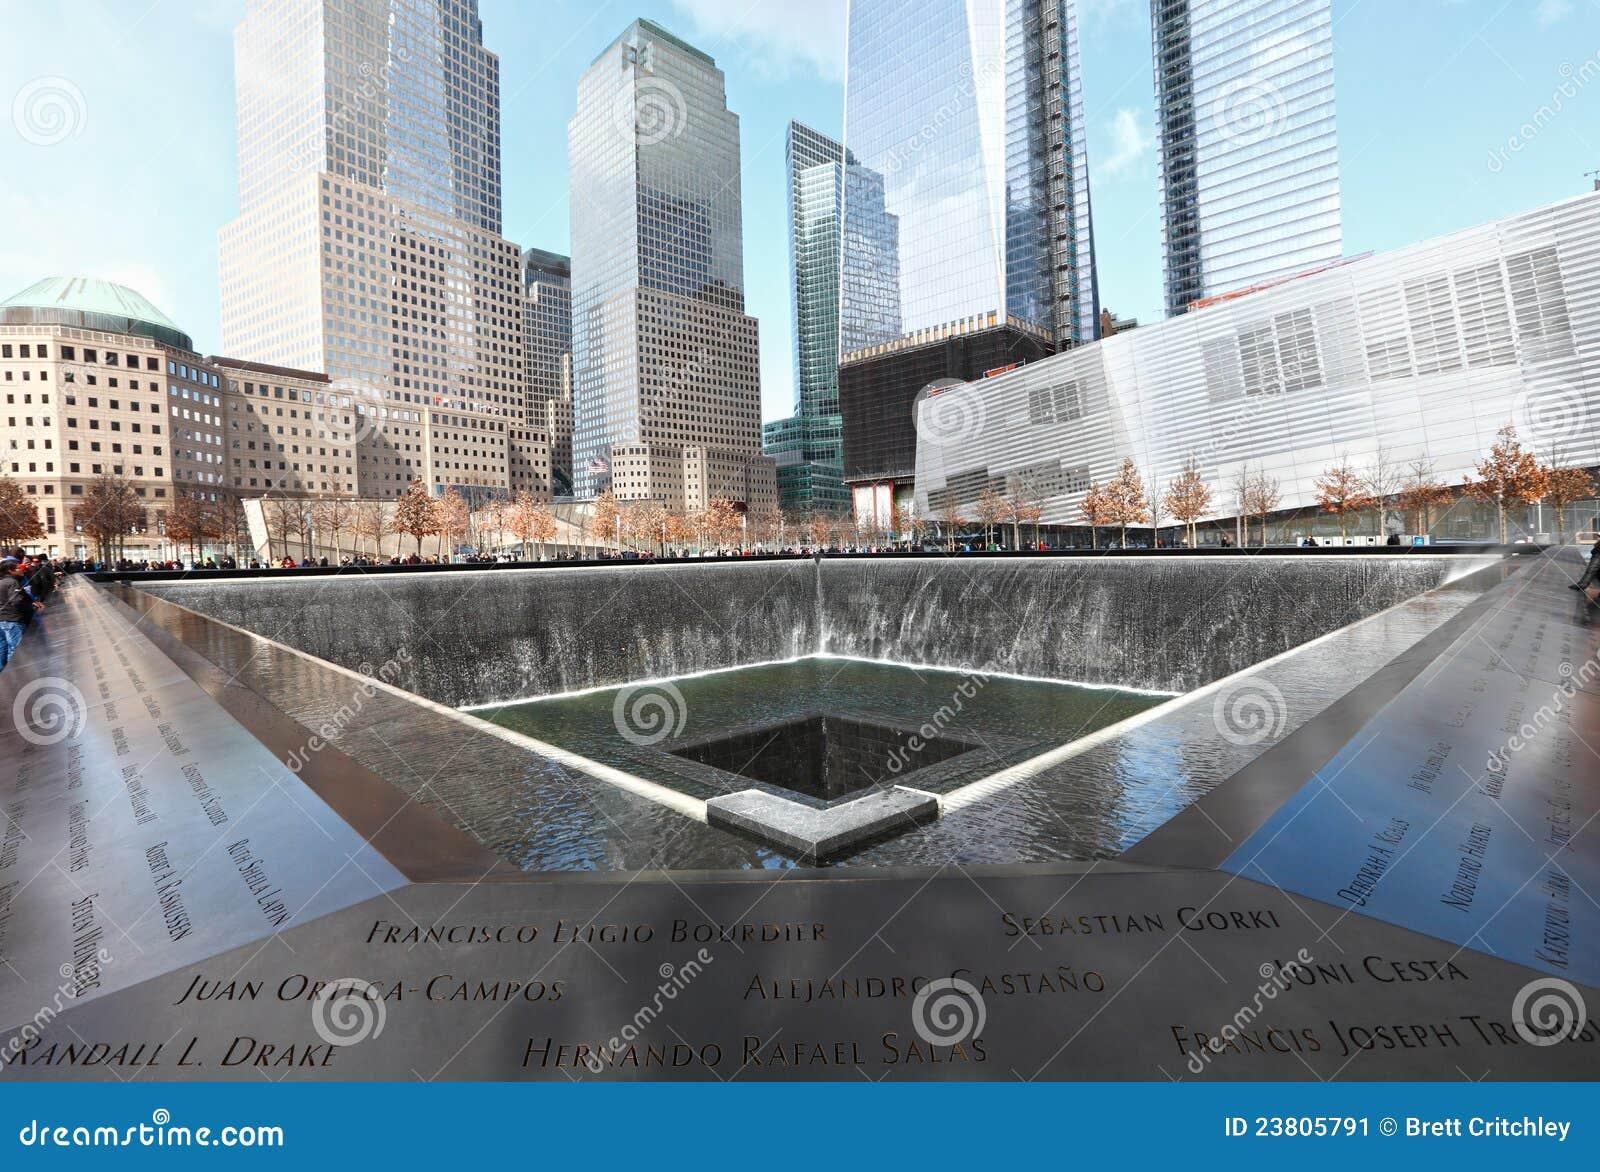 Fuente de 911 monumentos